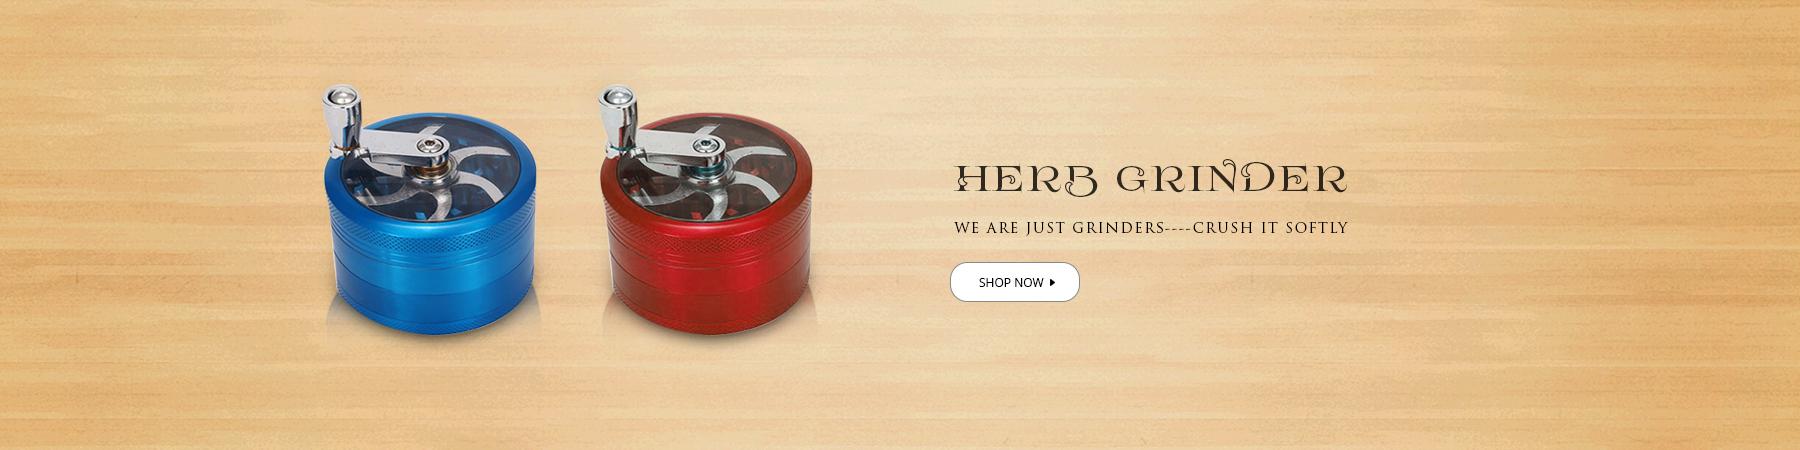 9b108509e7b Buy Weed Metal Herb Grinders Online India at Best Price